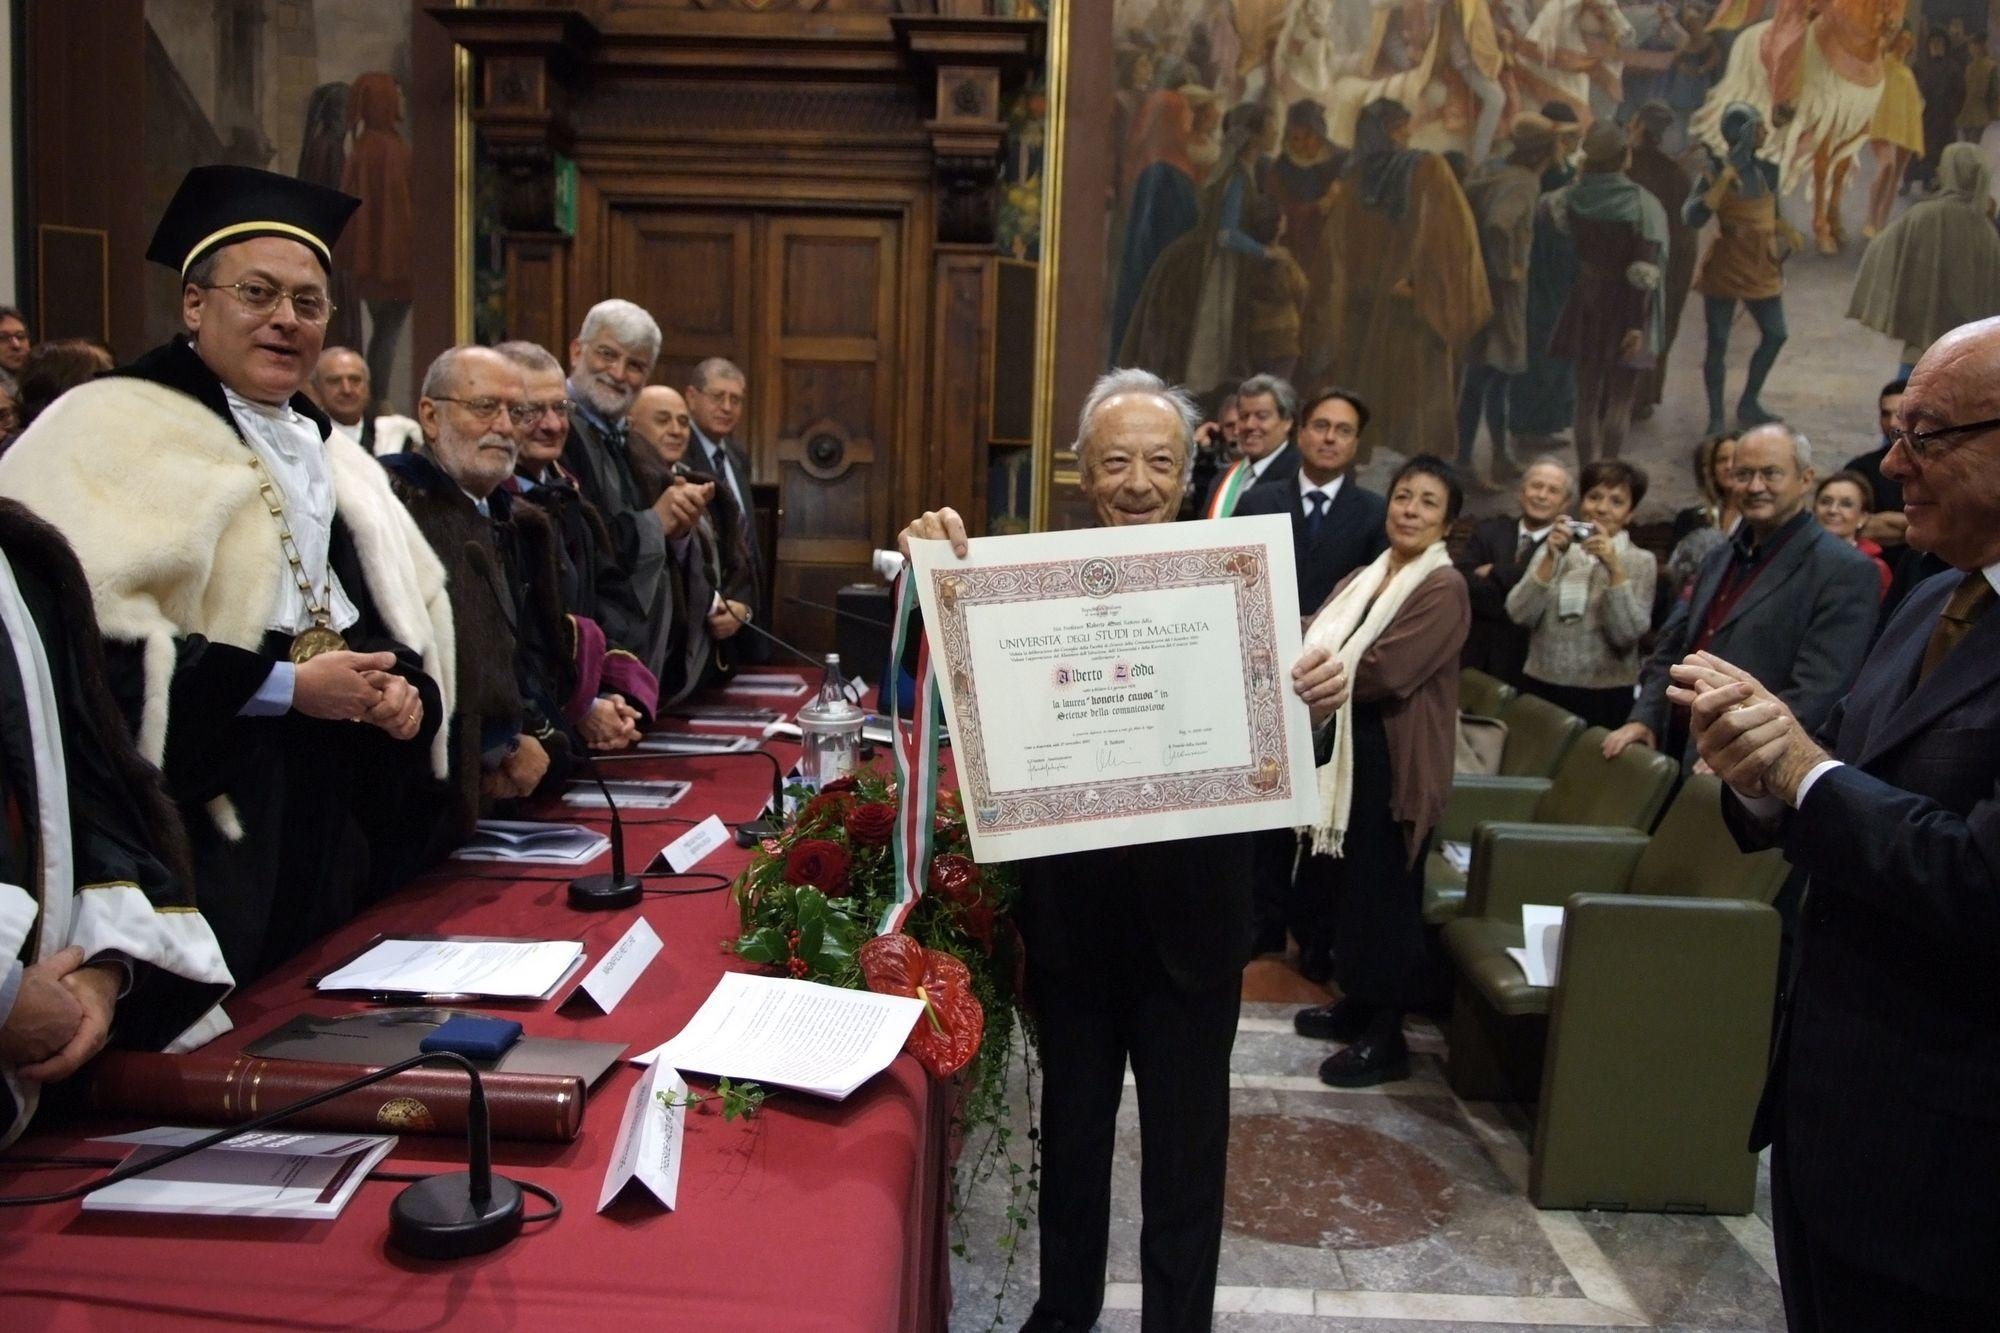 La scomparsa del Maestro Alberto Zedda, il cordoglio del rettore Unimc